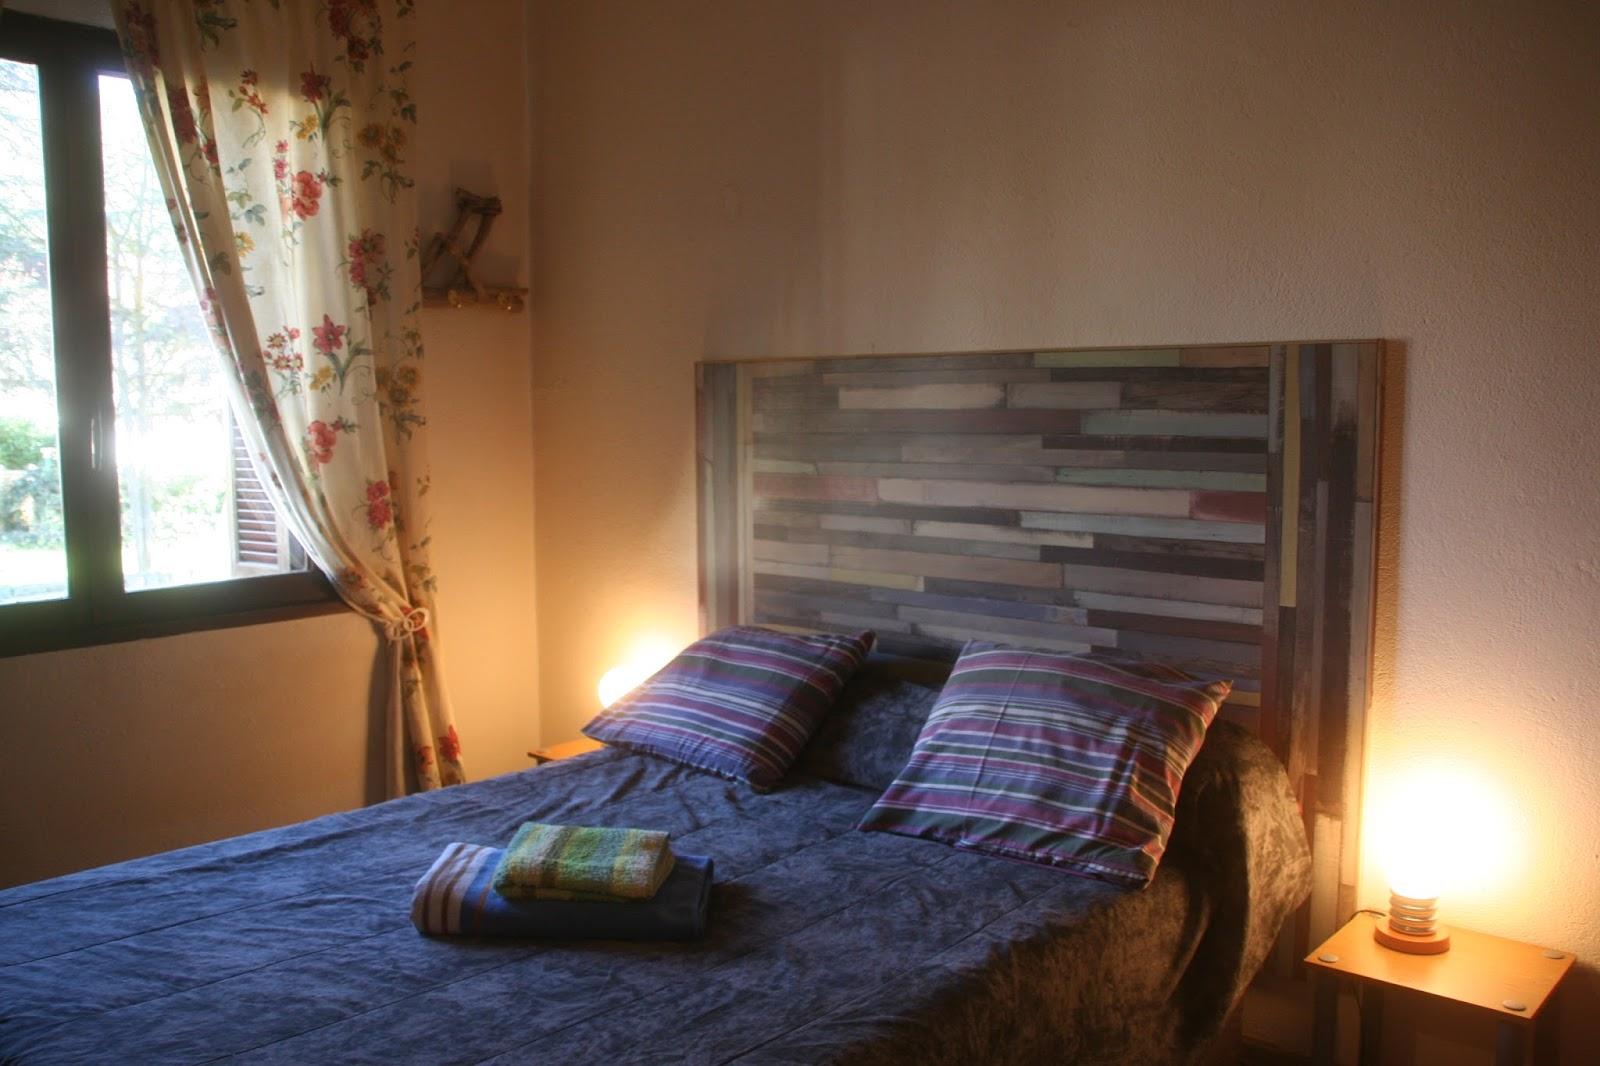 tete de lit bois flotte trendy pied de bar reglable with tete de lit bois flotte elegant. Black Bedroom Furniture Sets. Home Design Ideas